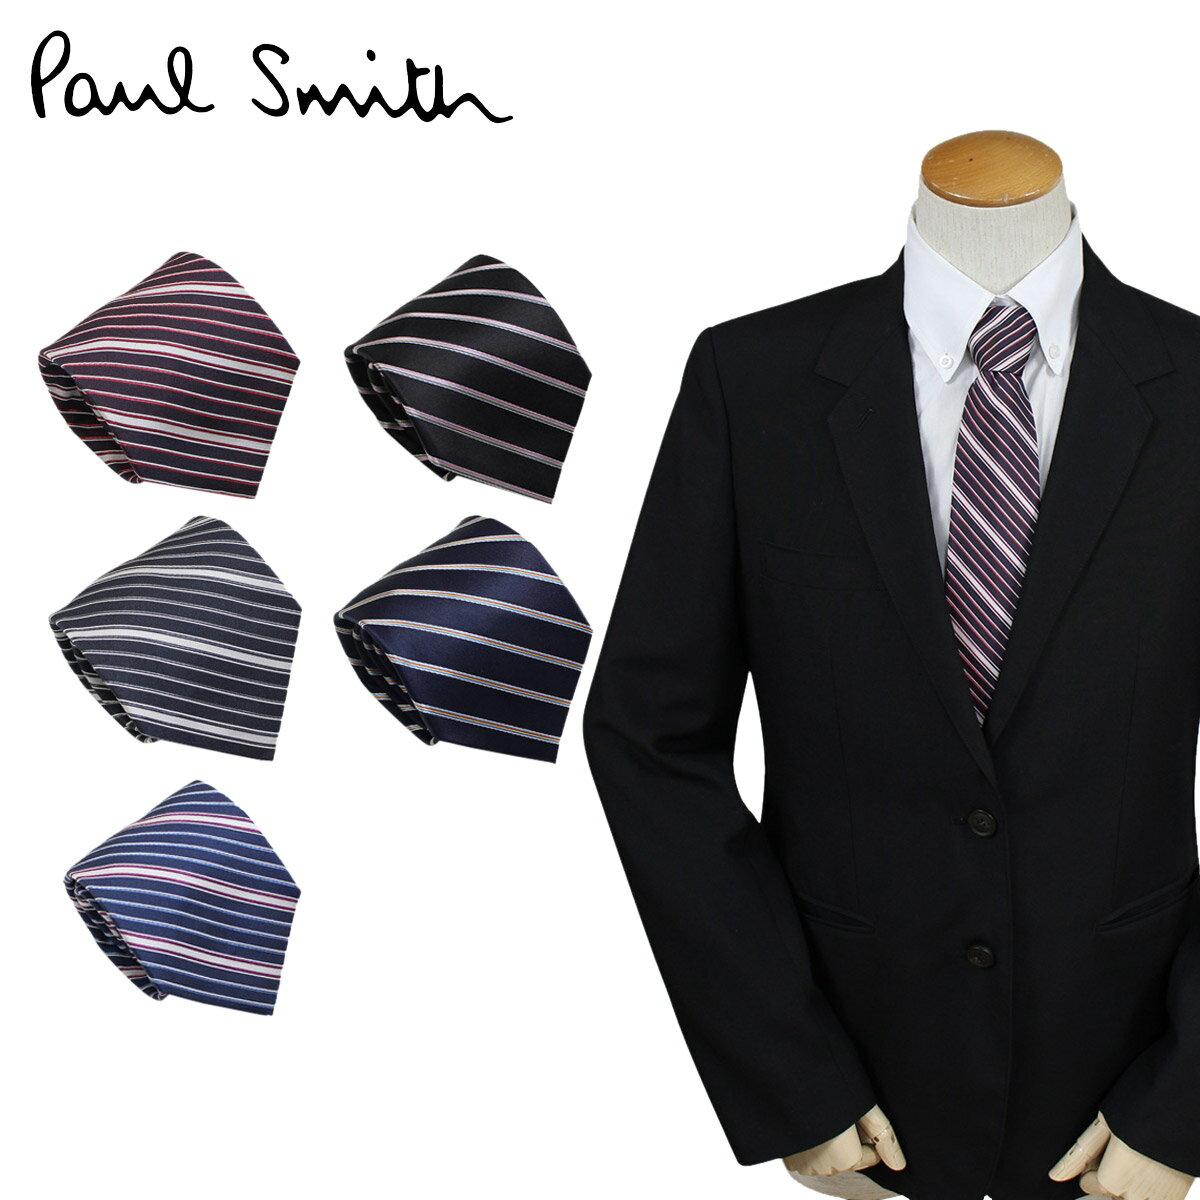 ポールスミス ネクタイ シルク メンズ Paul Smith スタライプ ギフト ケース付 イタリア製 ビジネス 結婚式 [7/31 追加入荷] 【決算セール】